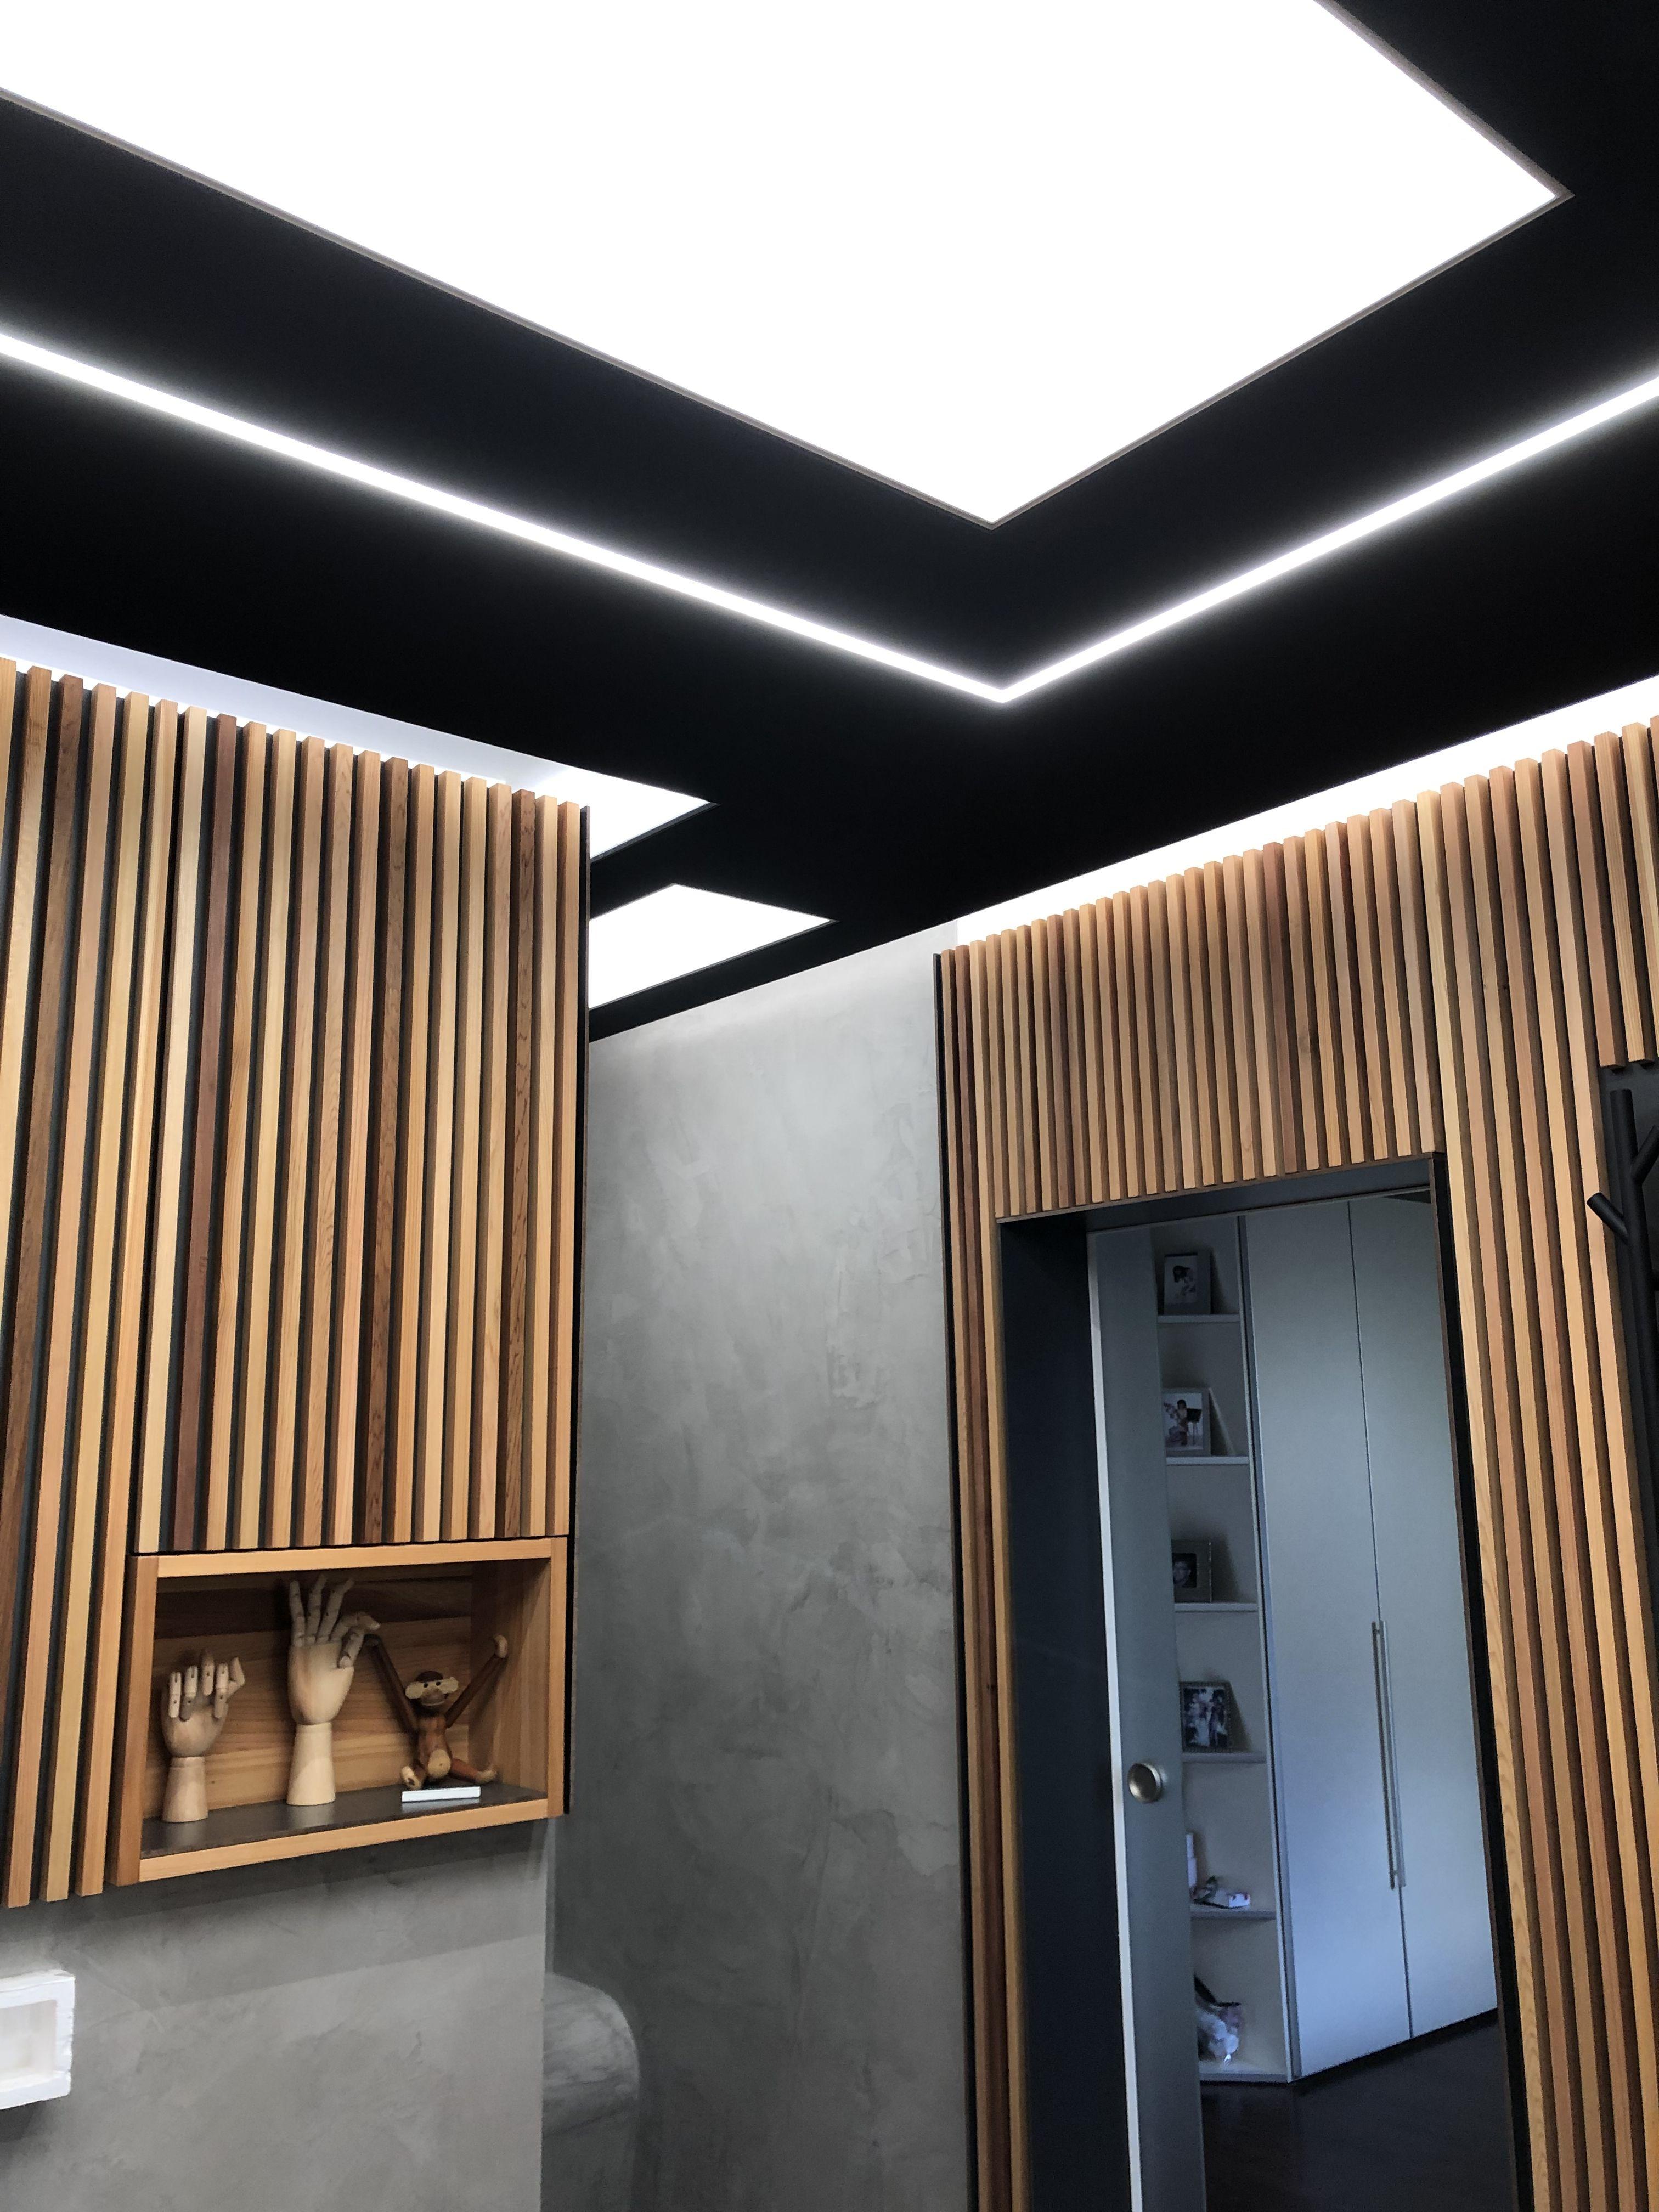 Schwarze Spanndecke Mit Lichtfelder Lichtkanal Und Indirekter Beleuchtung Moderne Deckengestaltung Indirekte Beleuchtung Spanndecken